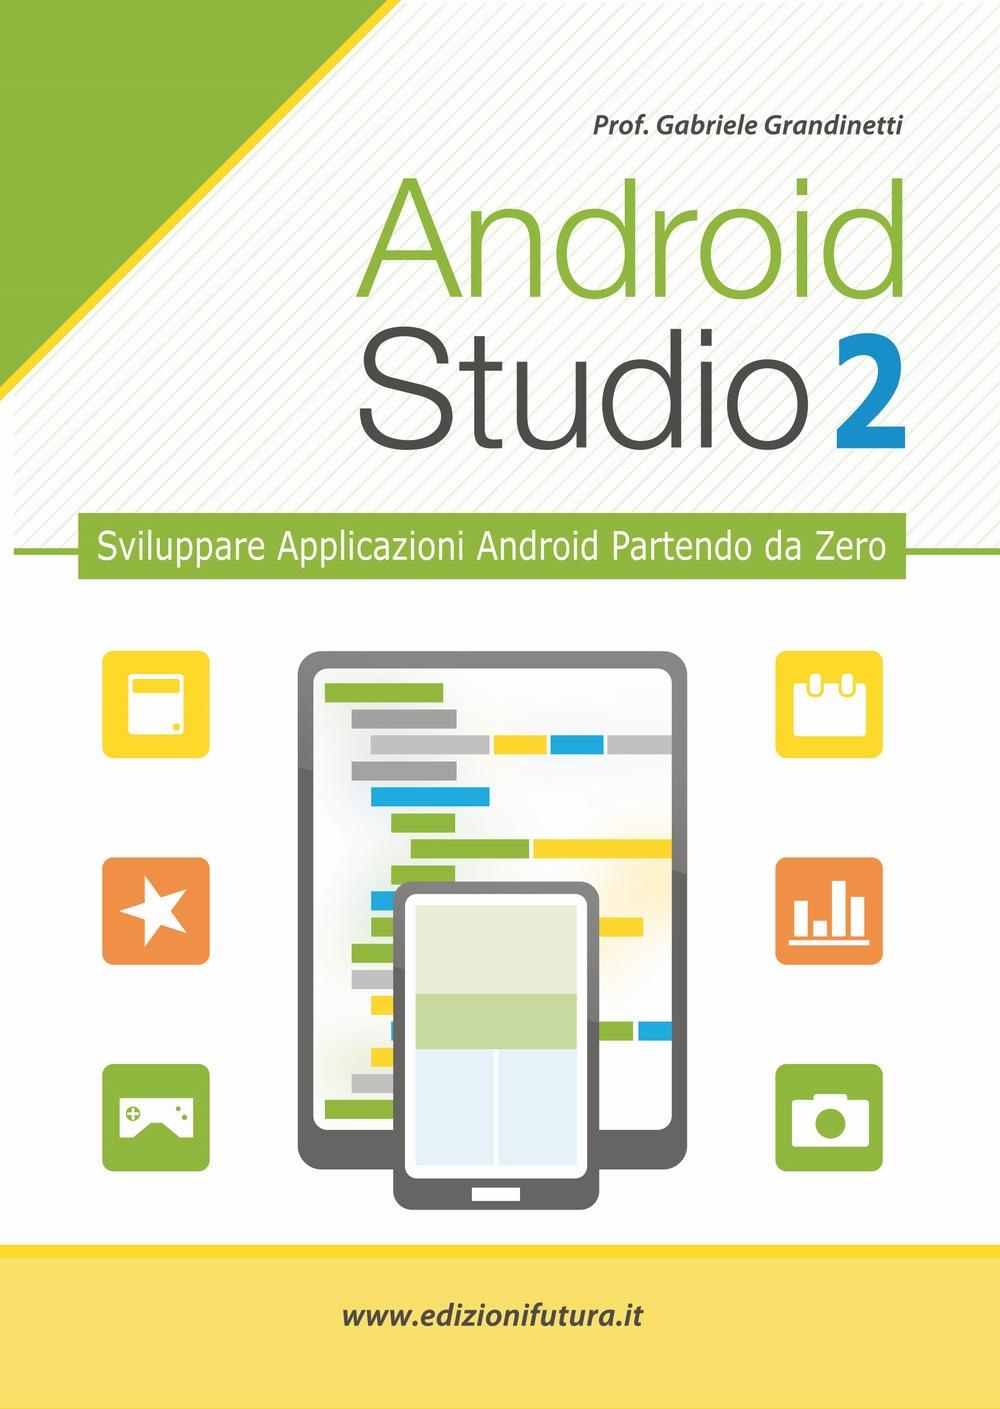 Android studio 2 - creare vere applicazioni android partendo da zero.